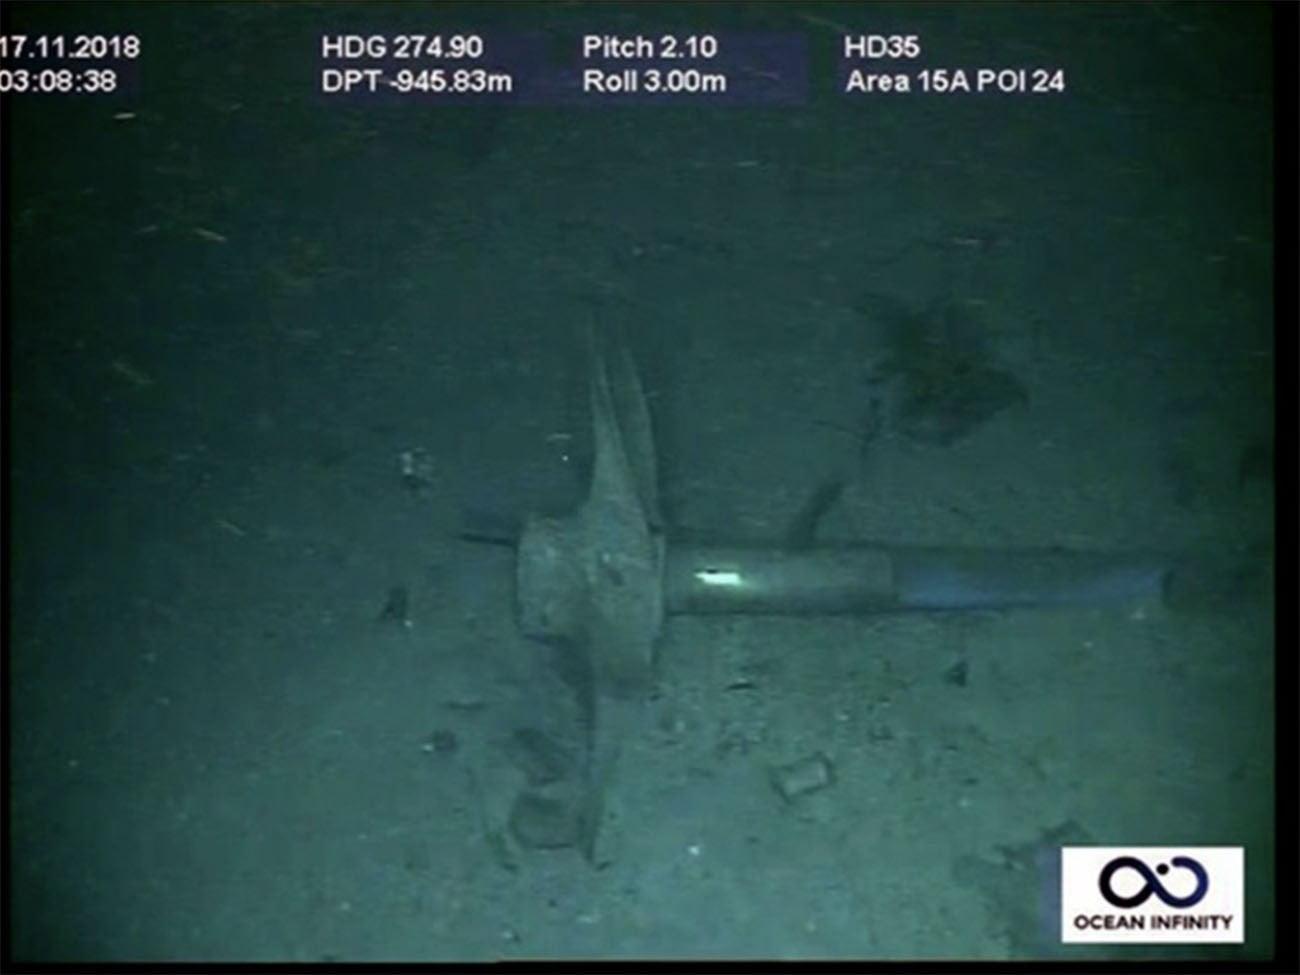 Imagem de destroços do submarino Ara San Juan naufragado